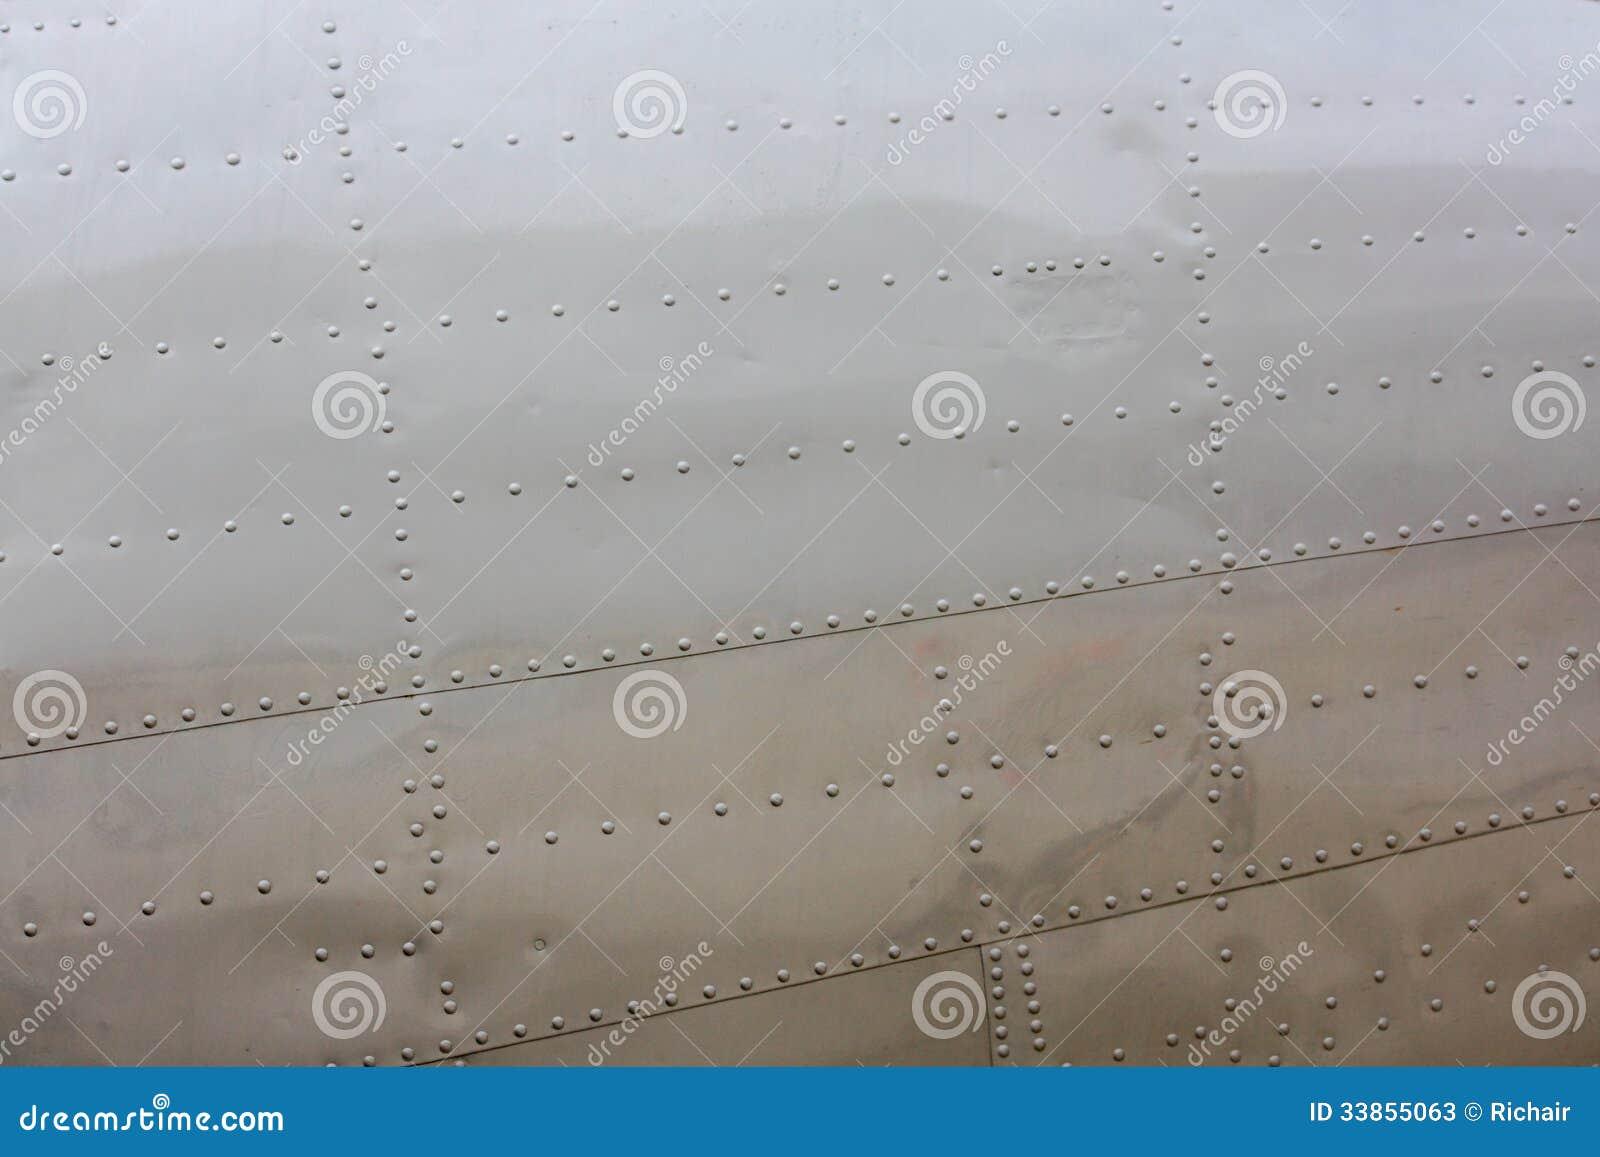 Заклепки на коже воздушных судн